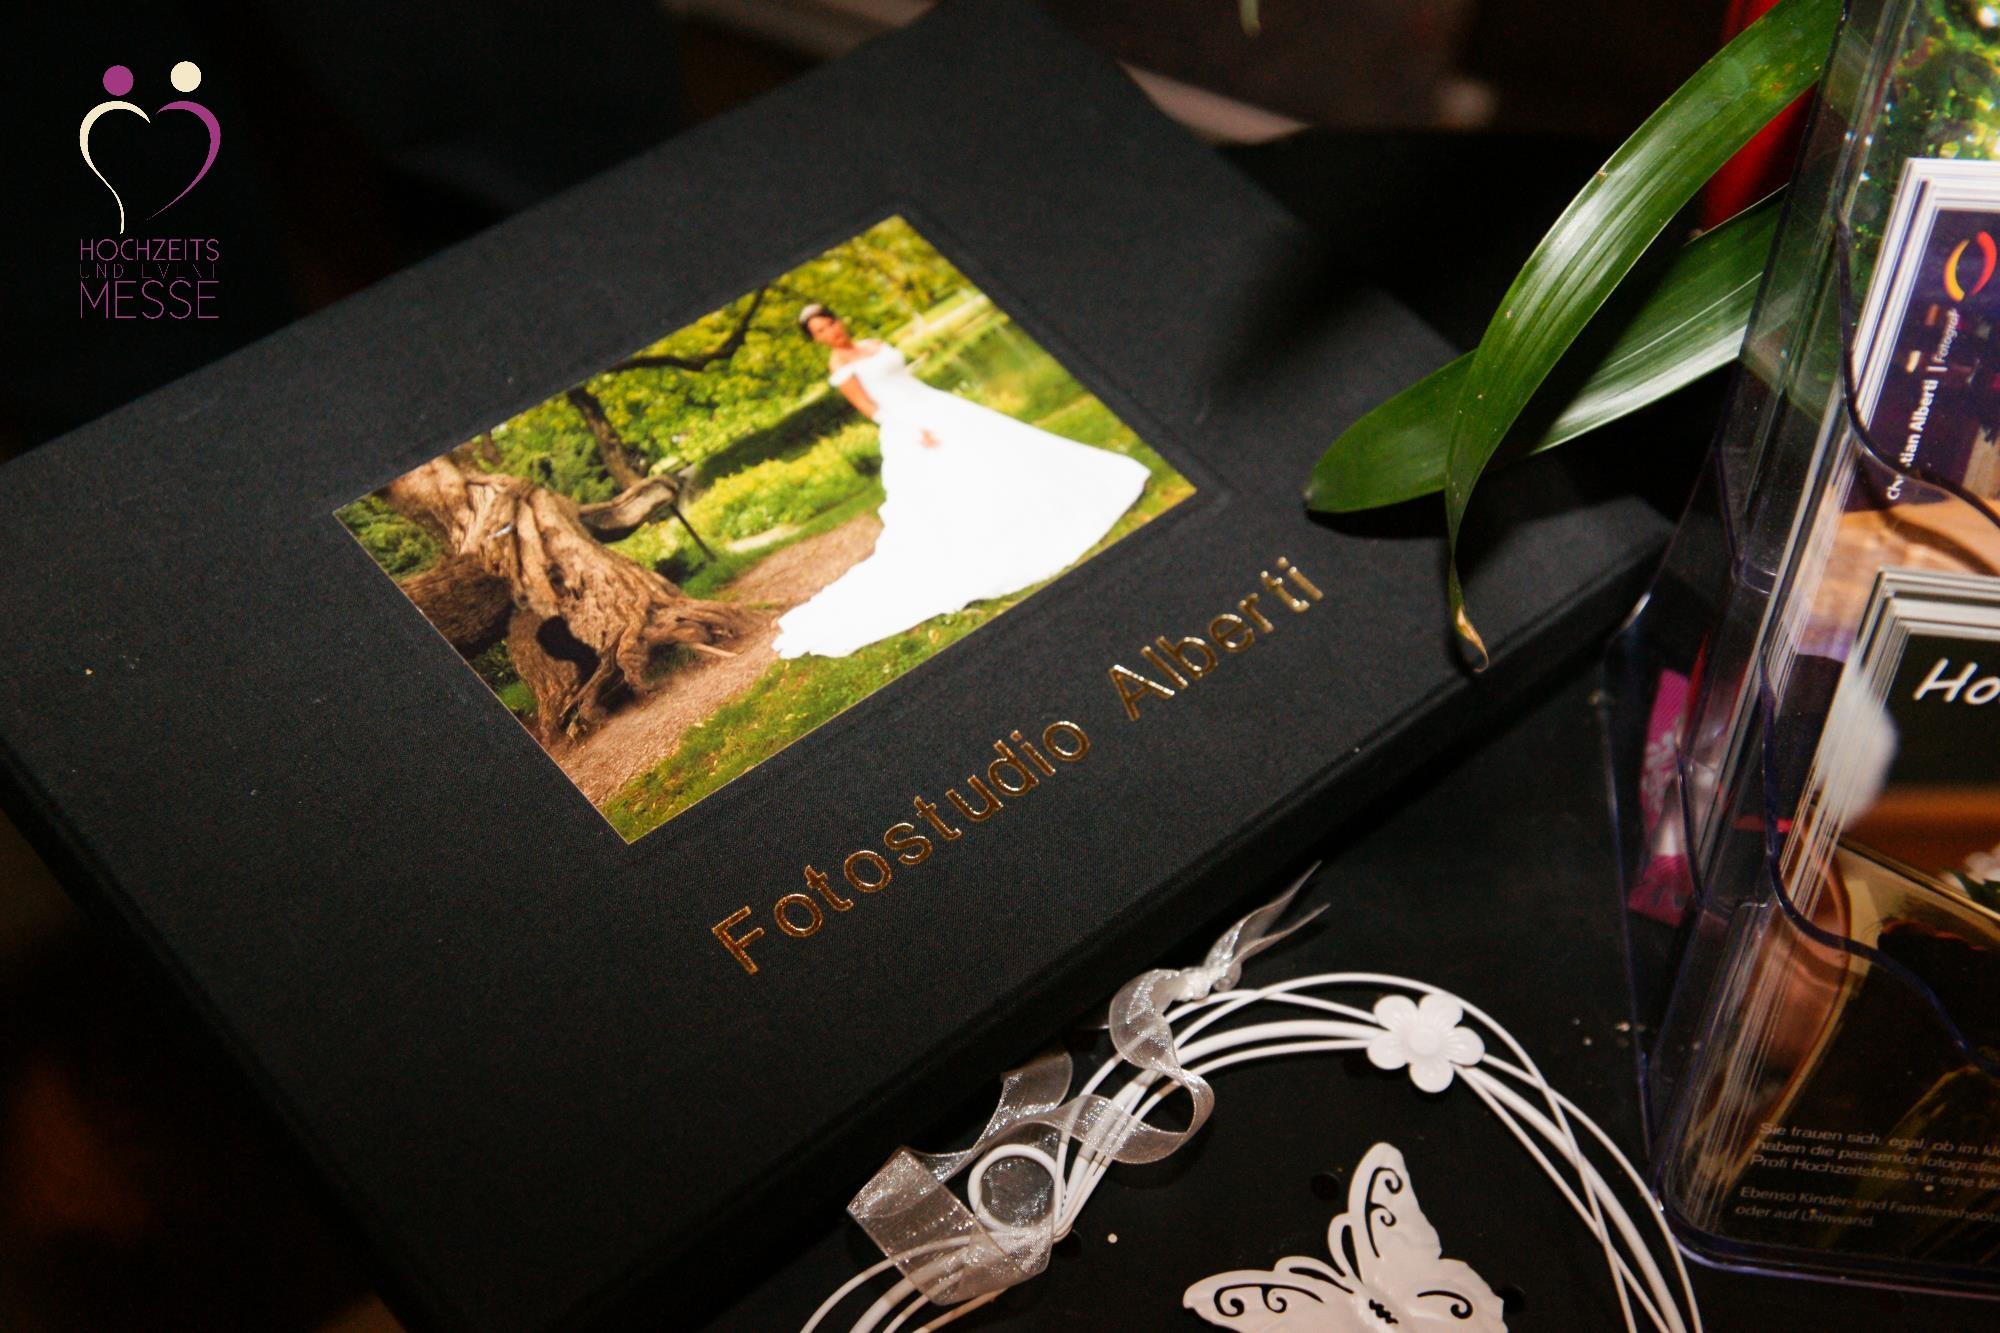 Hochzeitsmesse und Eventmesse in Fssen Die gr Messe fr